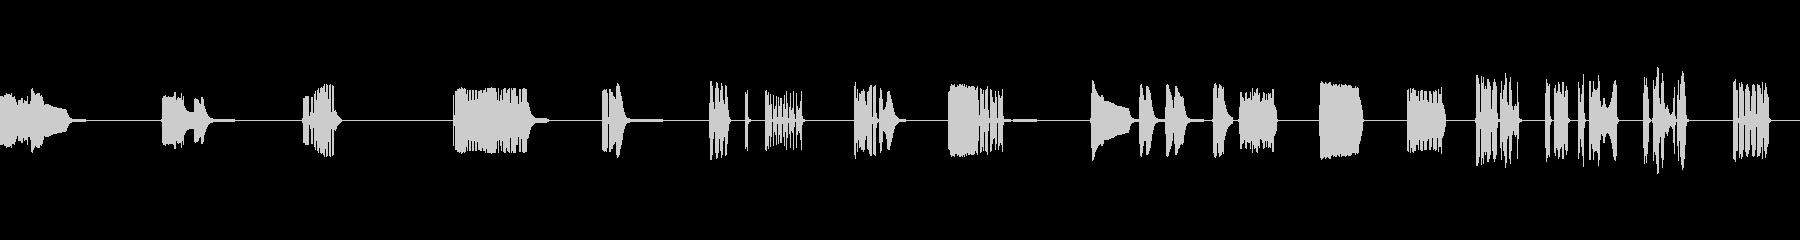 コンピュータートーク、SCI FI...の未再生の波形